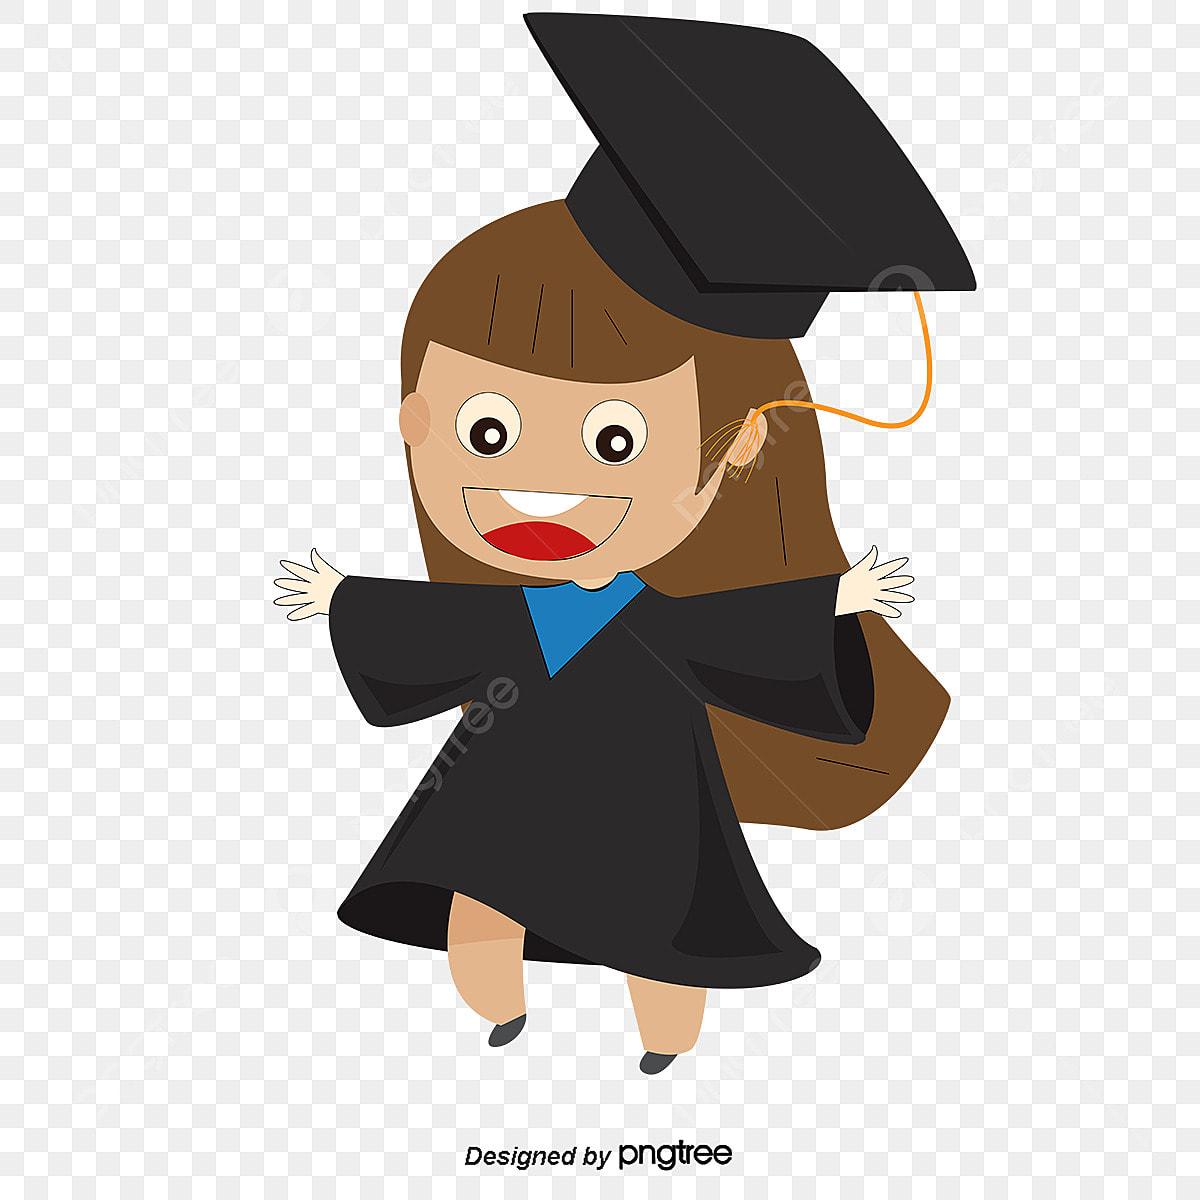 졸업 학생 디자인, 졸업 학생, 정교하고 아이디어, 학생 PNG 및 벡터 에 대한 무료 다운로드